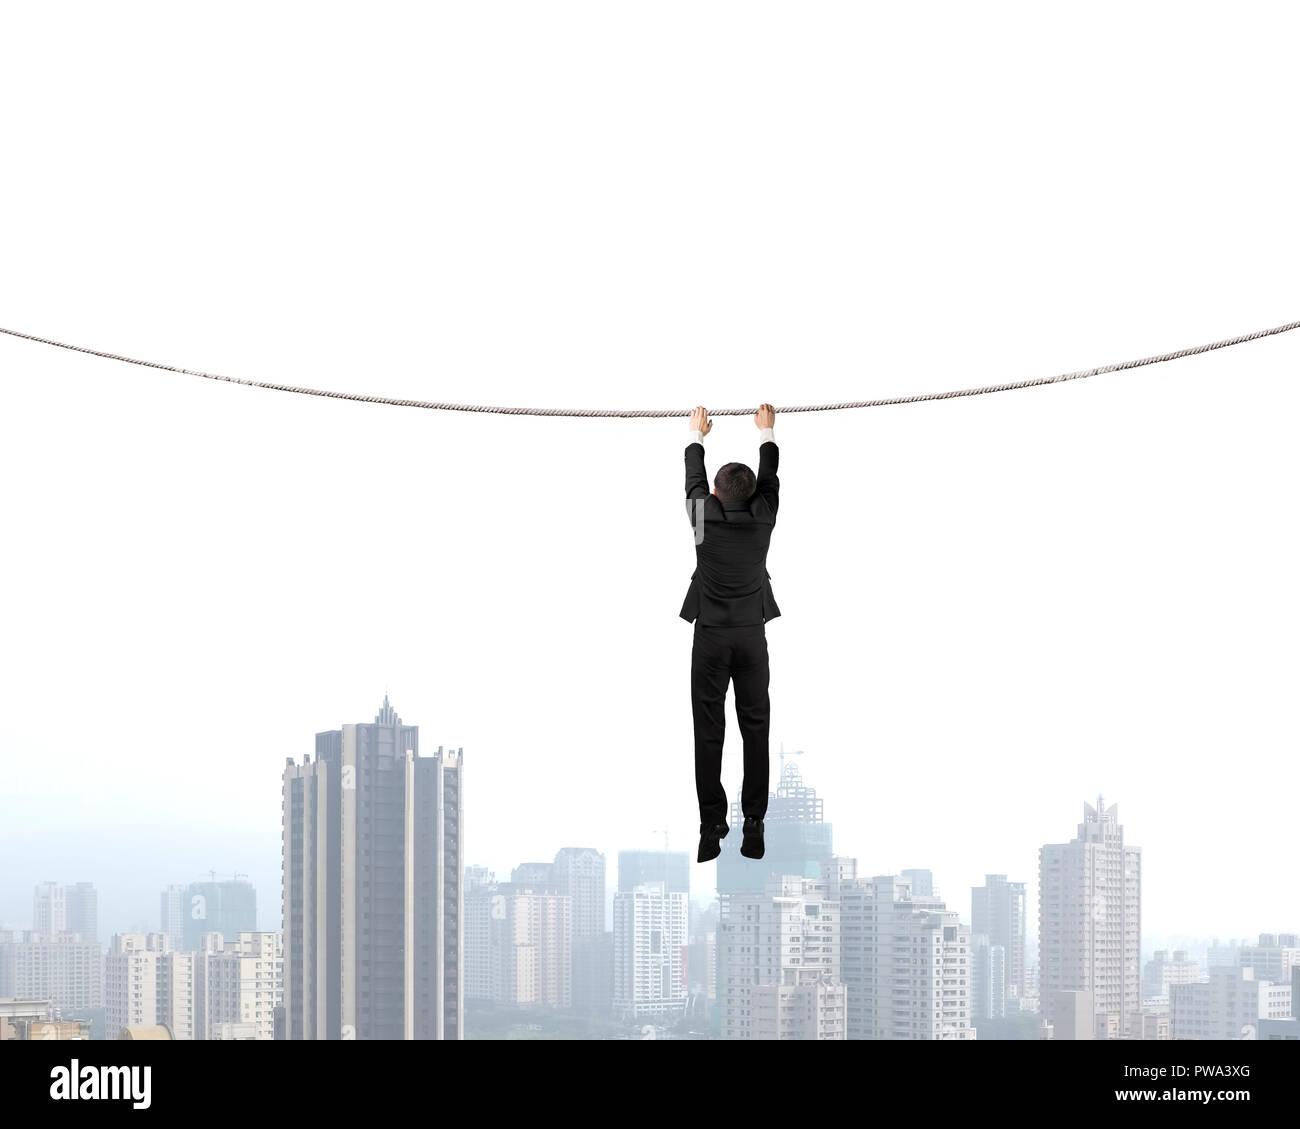 Empresario sosteniendo la cuerda y colgado con vistas a la ciudad Imagen De Stock